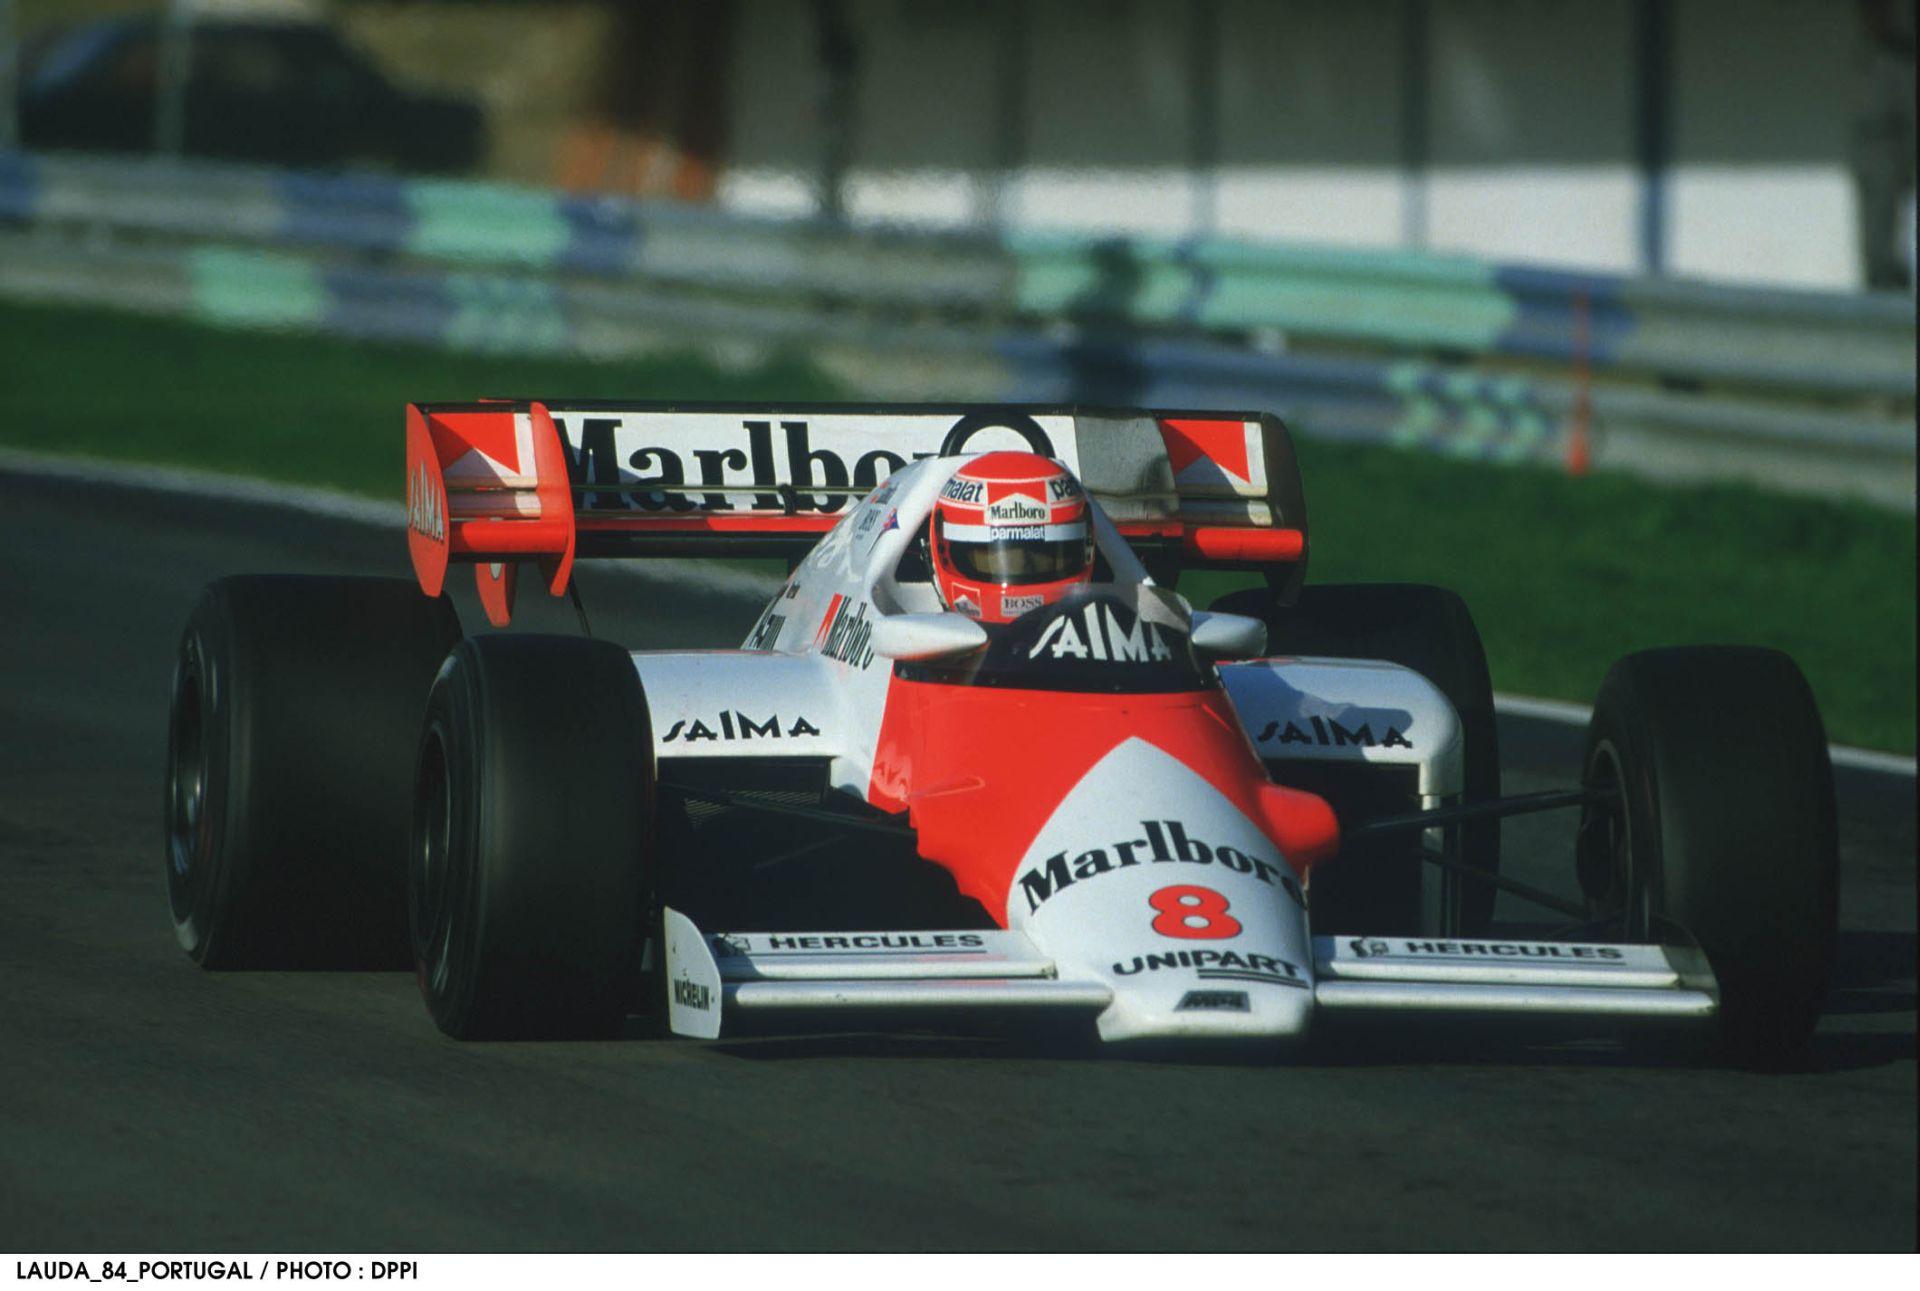 Egy újabb hihetetlen nap a Forma-1-ben: Lauda 0,5 ponttal lett bajnok a McLarennel Prost előtt - 1984